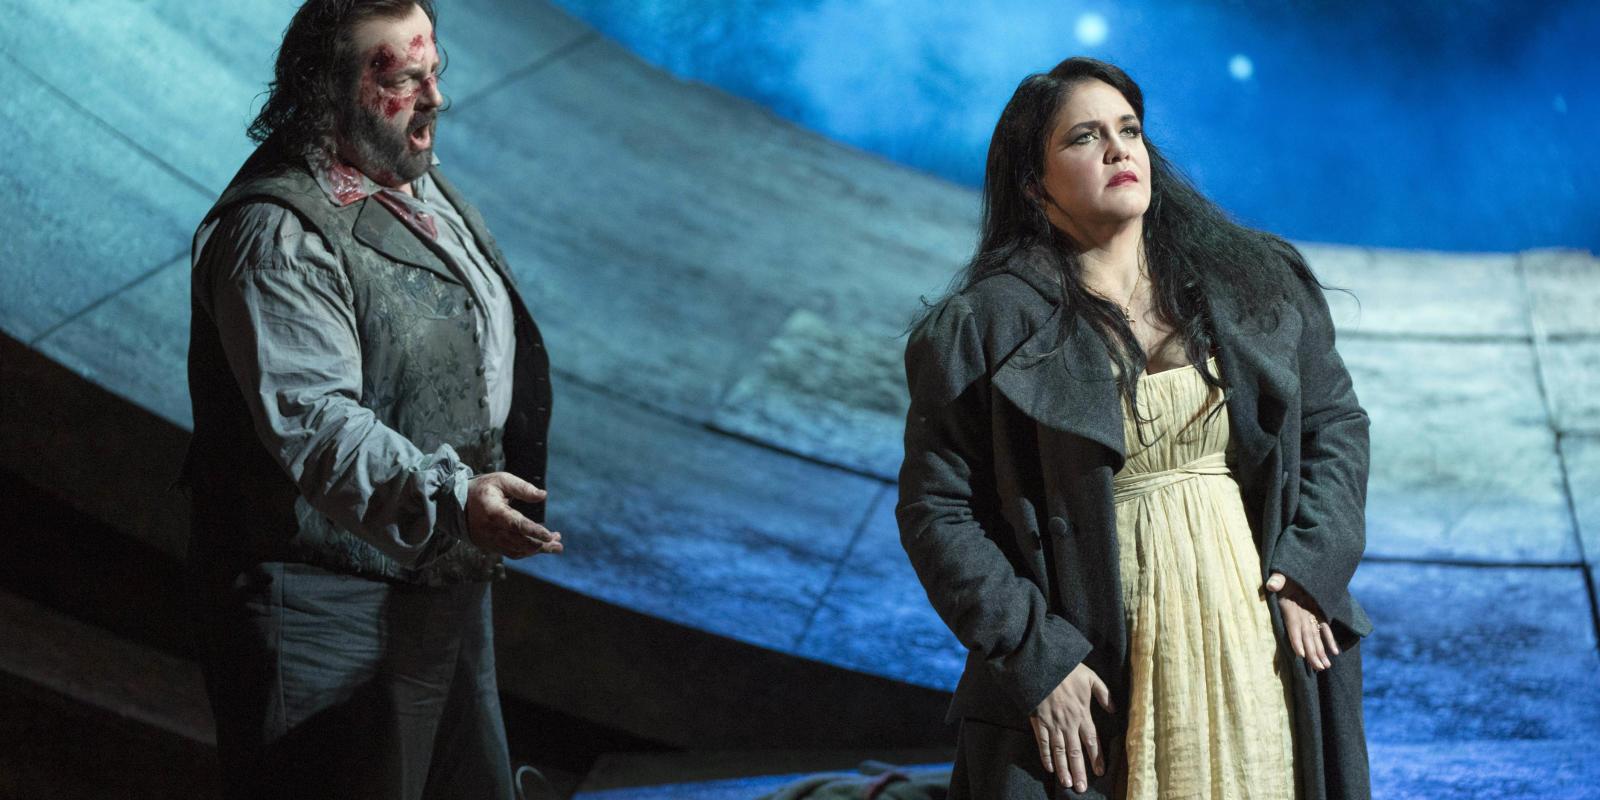 Keri Alkema as Tosca and Gwyn Hughes Jones as Cavaradossi